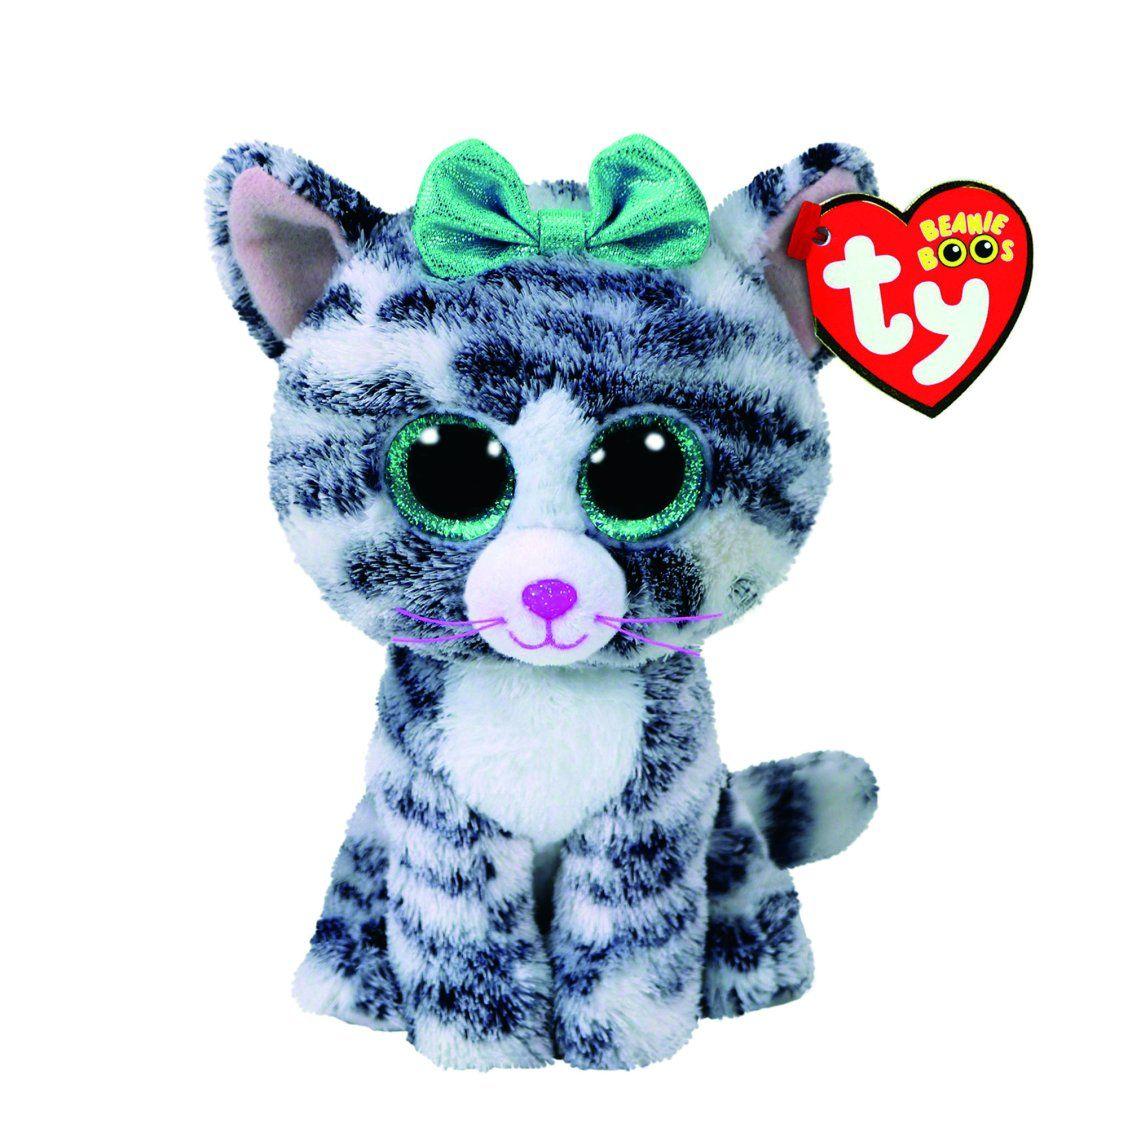 a32ff141f55 TY Beanie Boo Small Quinn the Cat Plush Toy